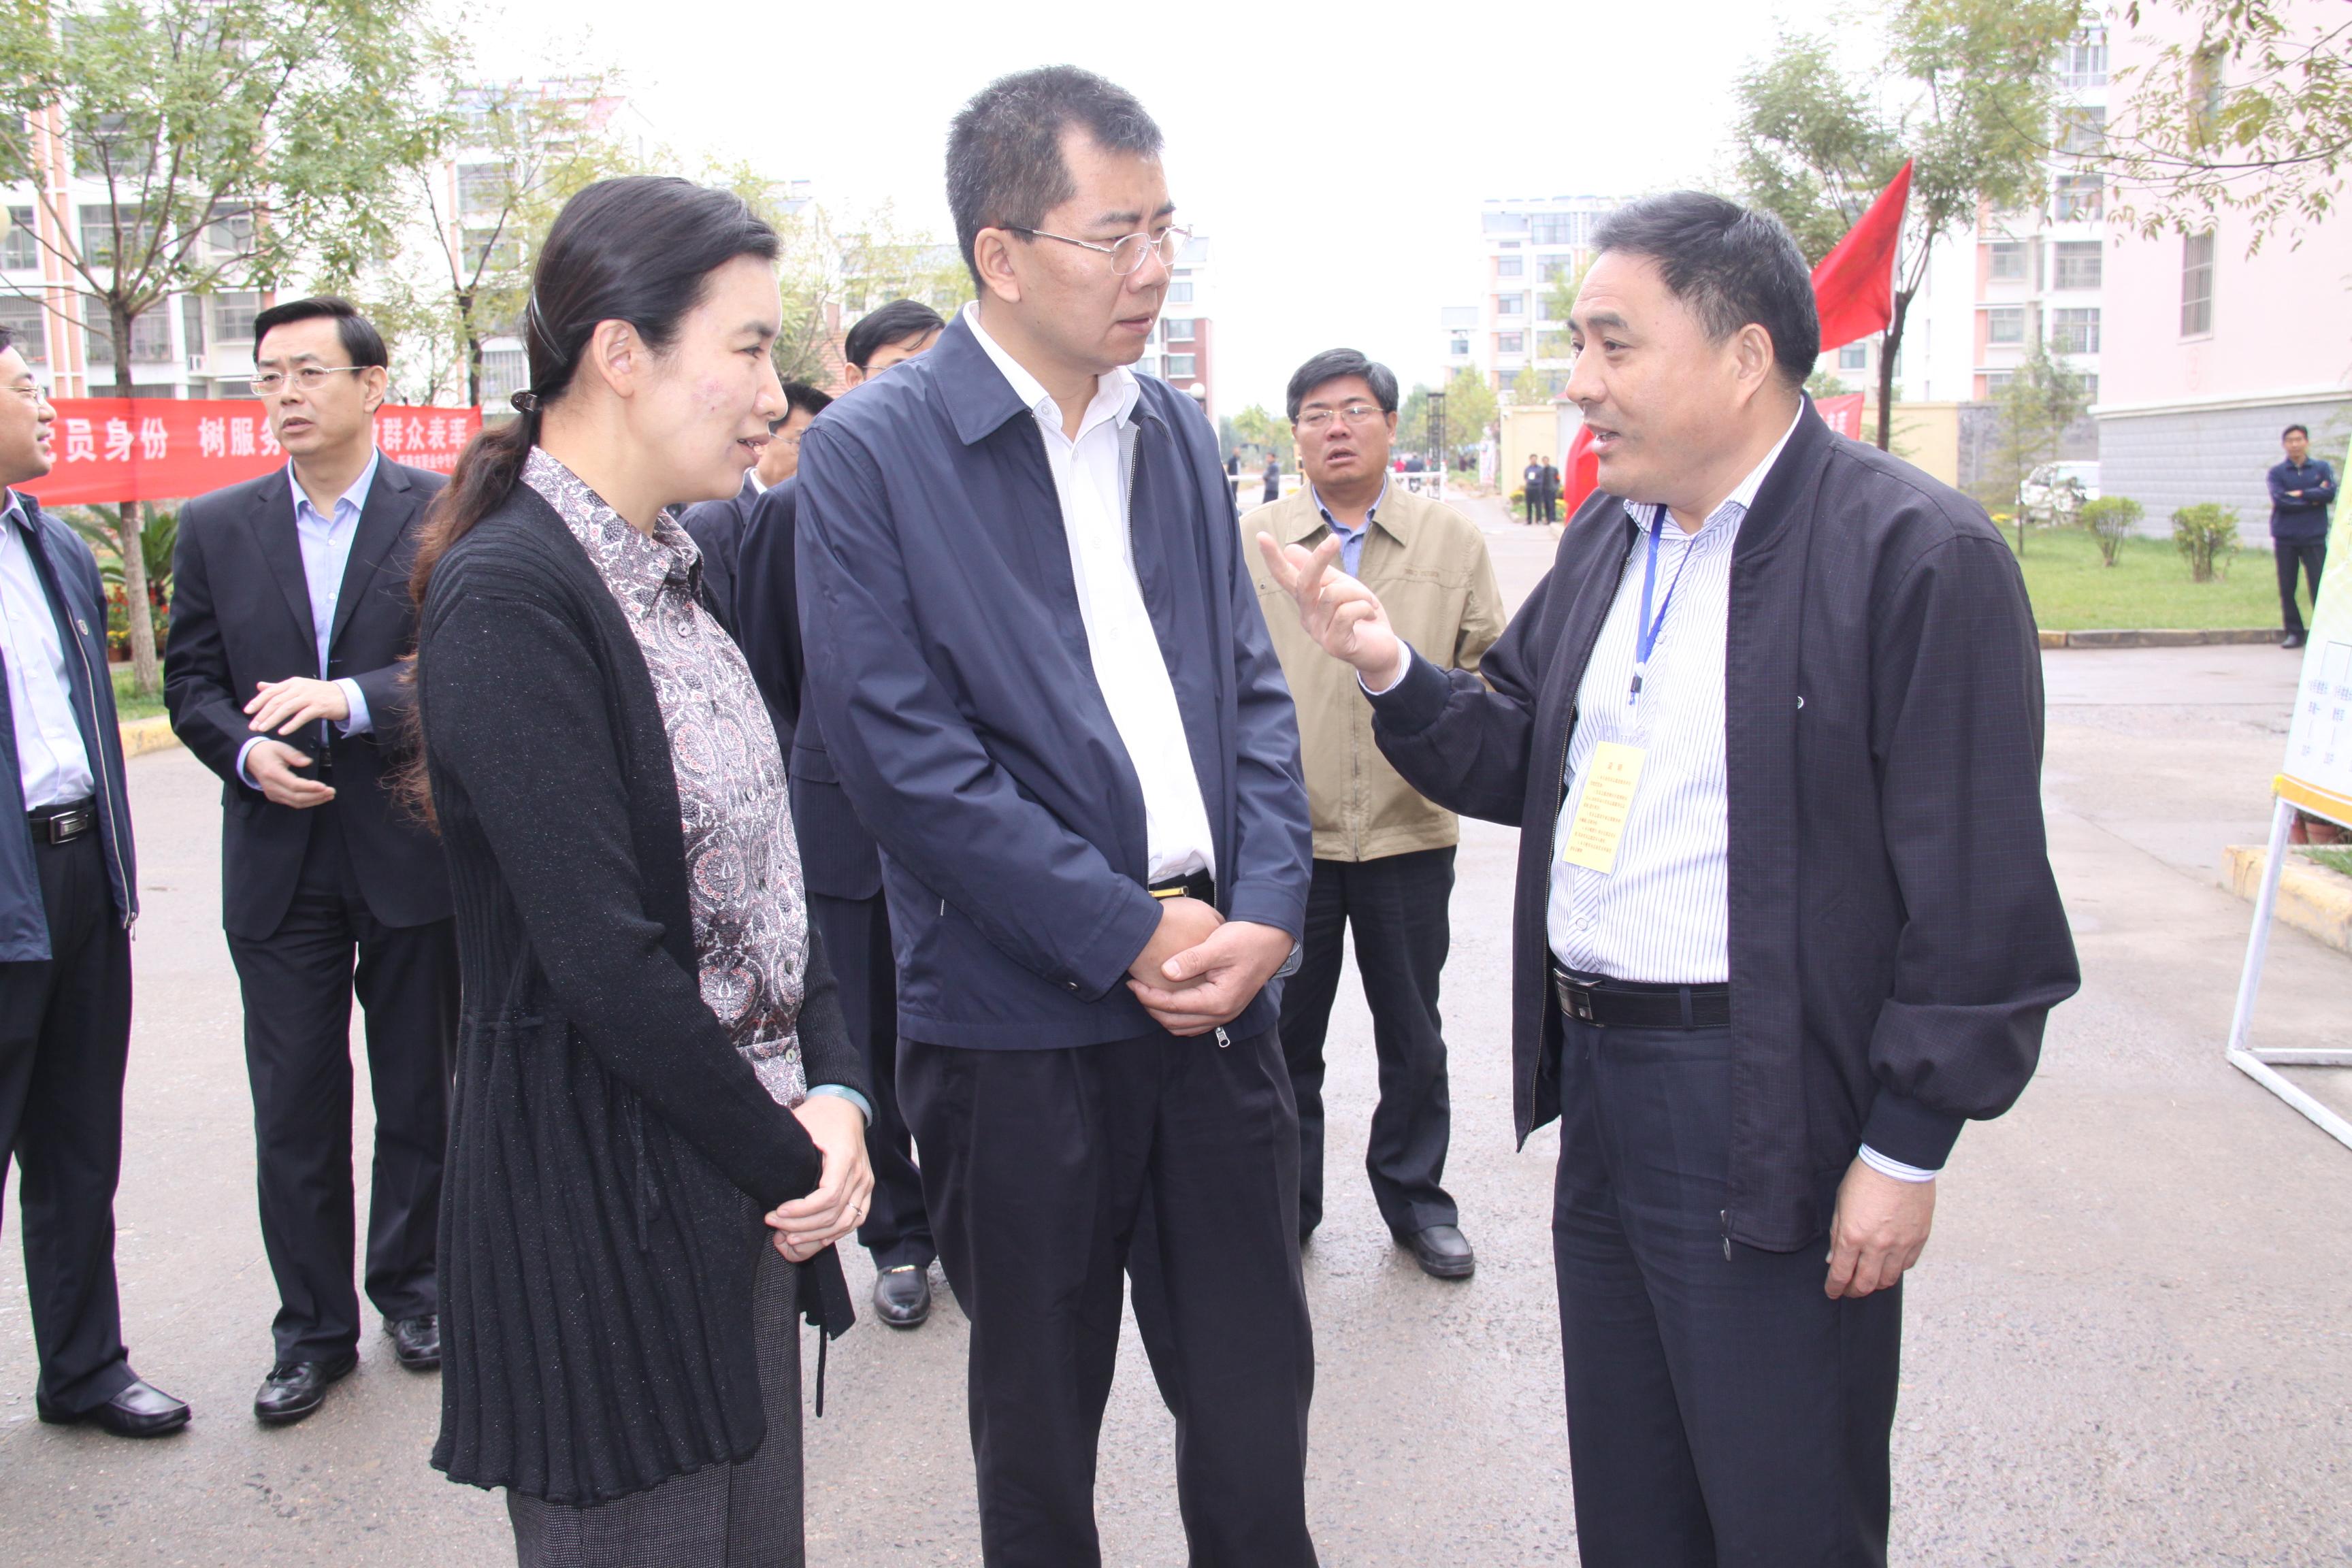 山东省新泰市第一中学图片